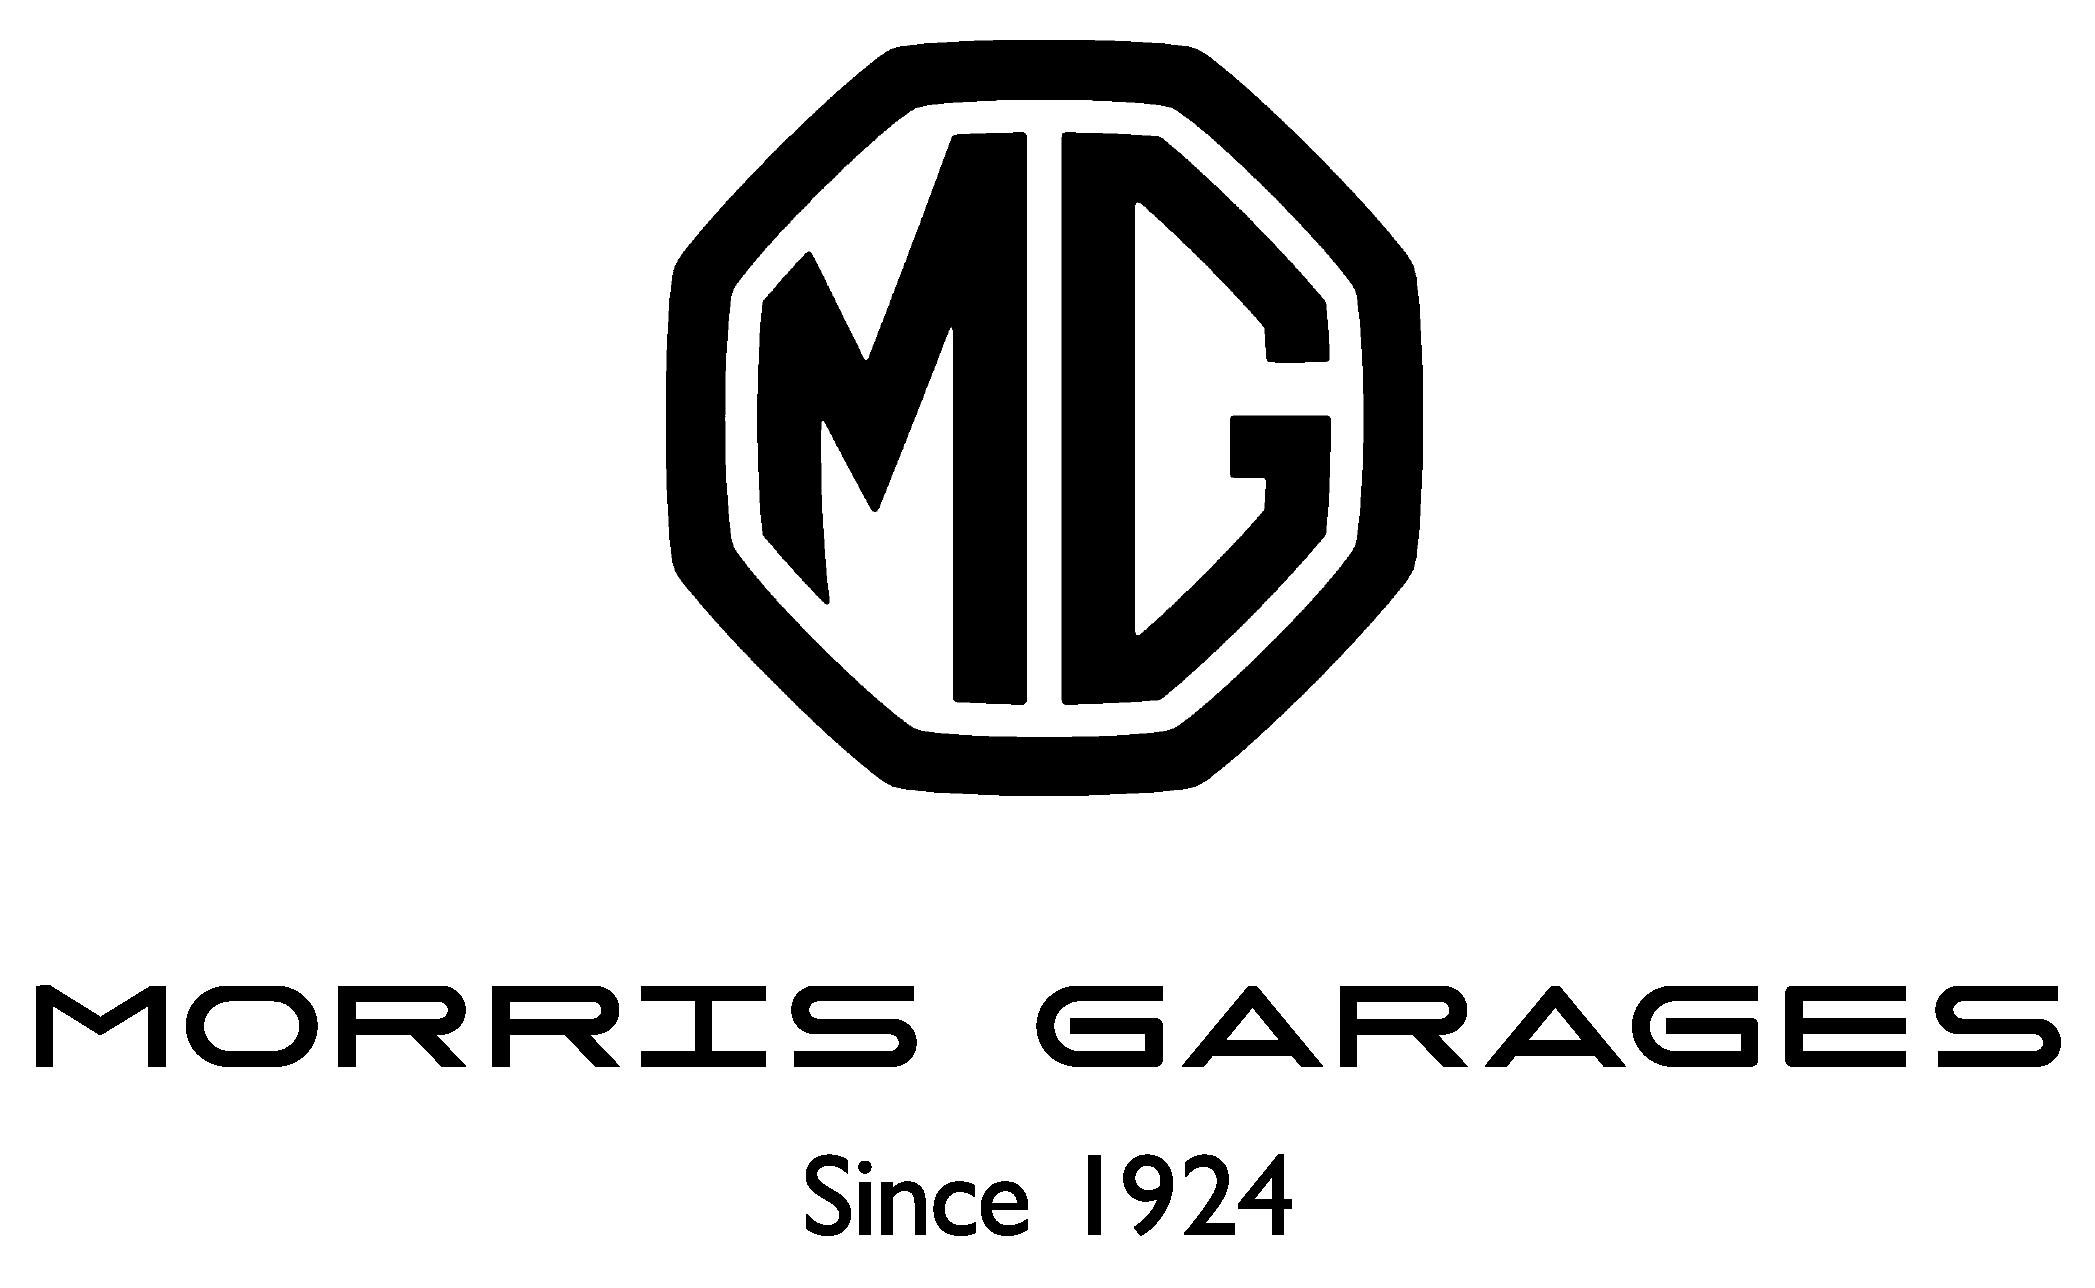 https://assets.roar.media/assets/e2JMhmVLpUXzU38T_MG_Logo-02-(1).png